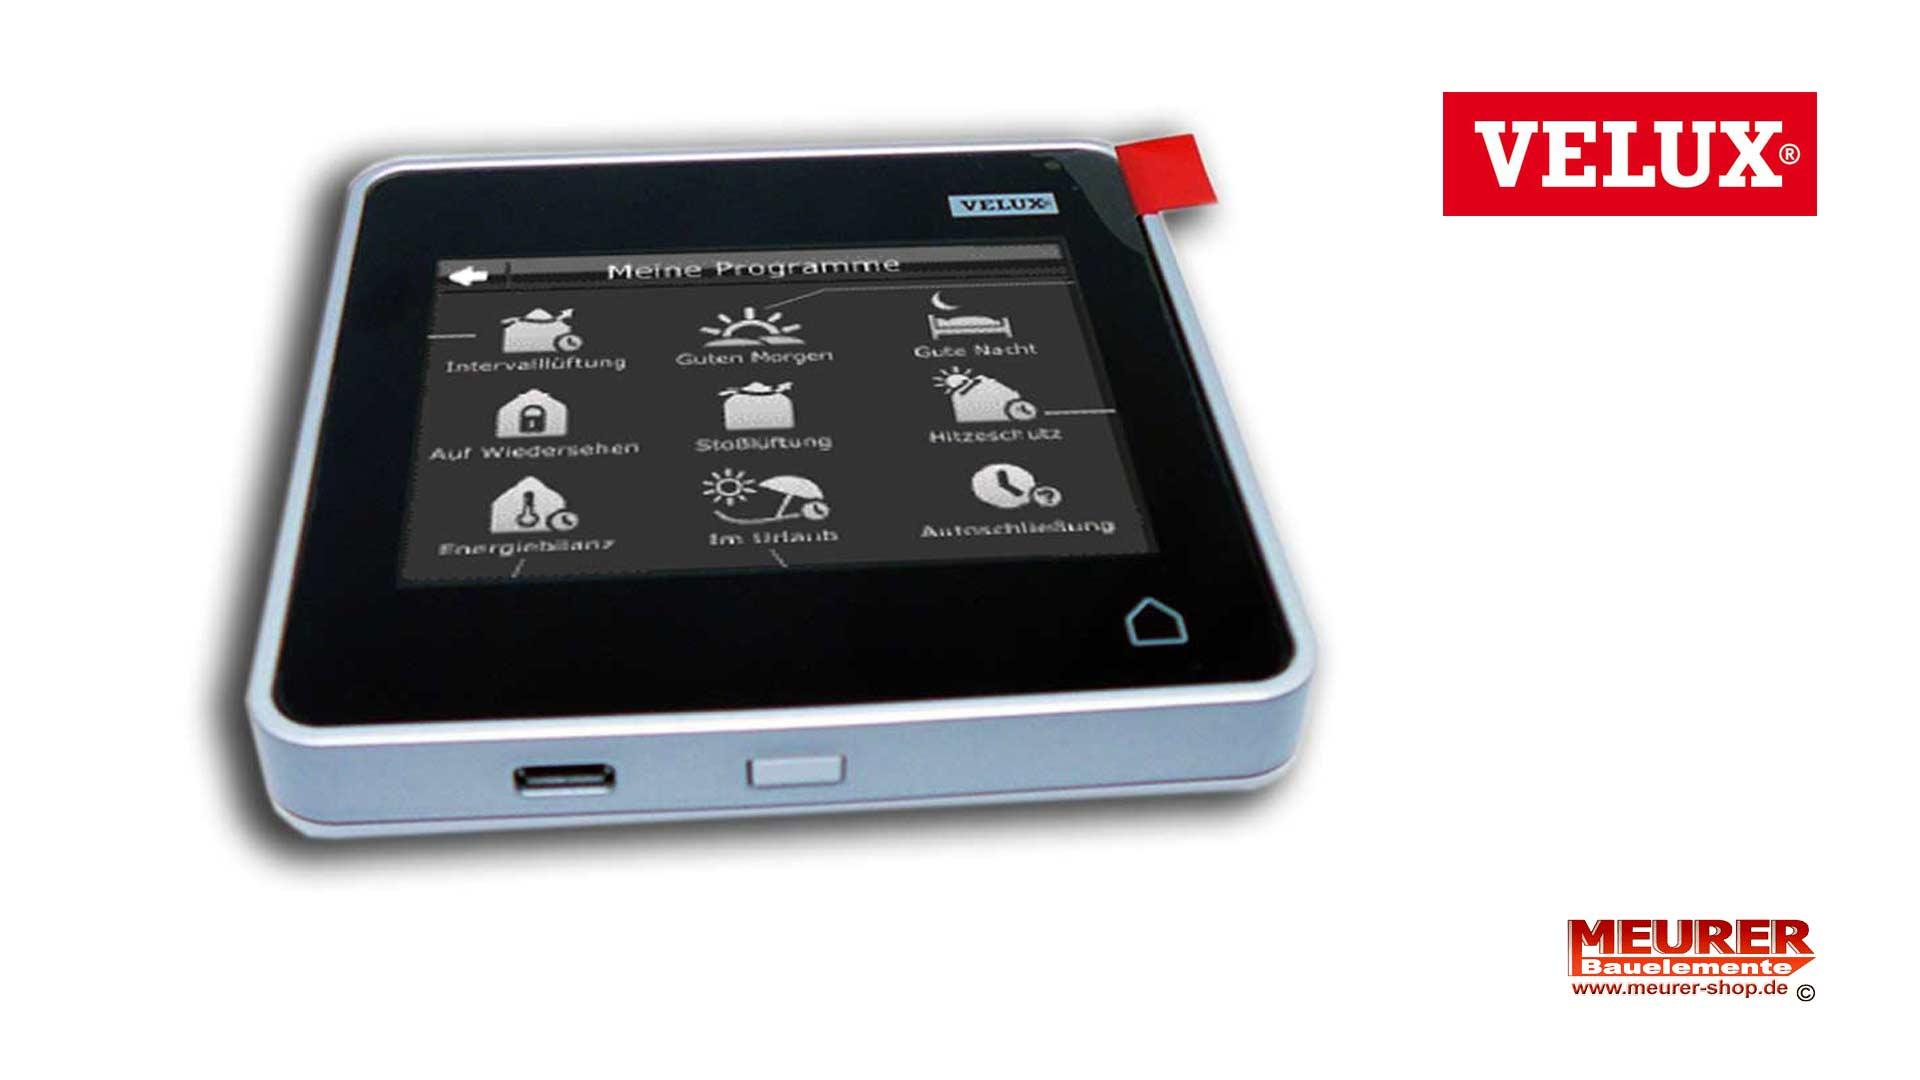 velux integra control pad klr 200 klr 200. Black Bedroom Furniture Sets. Home Design Ideas